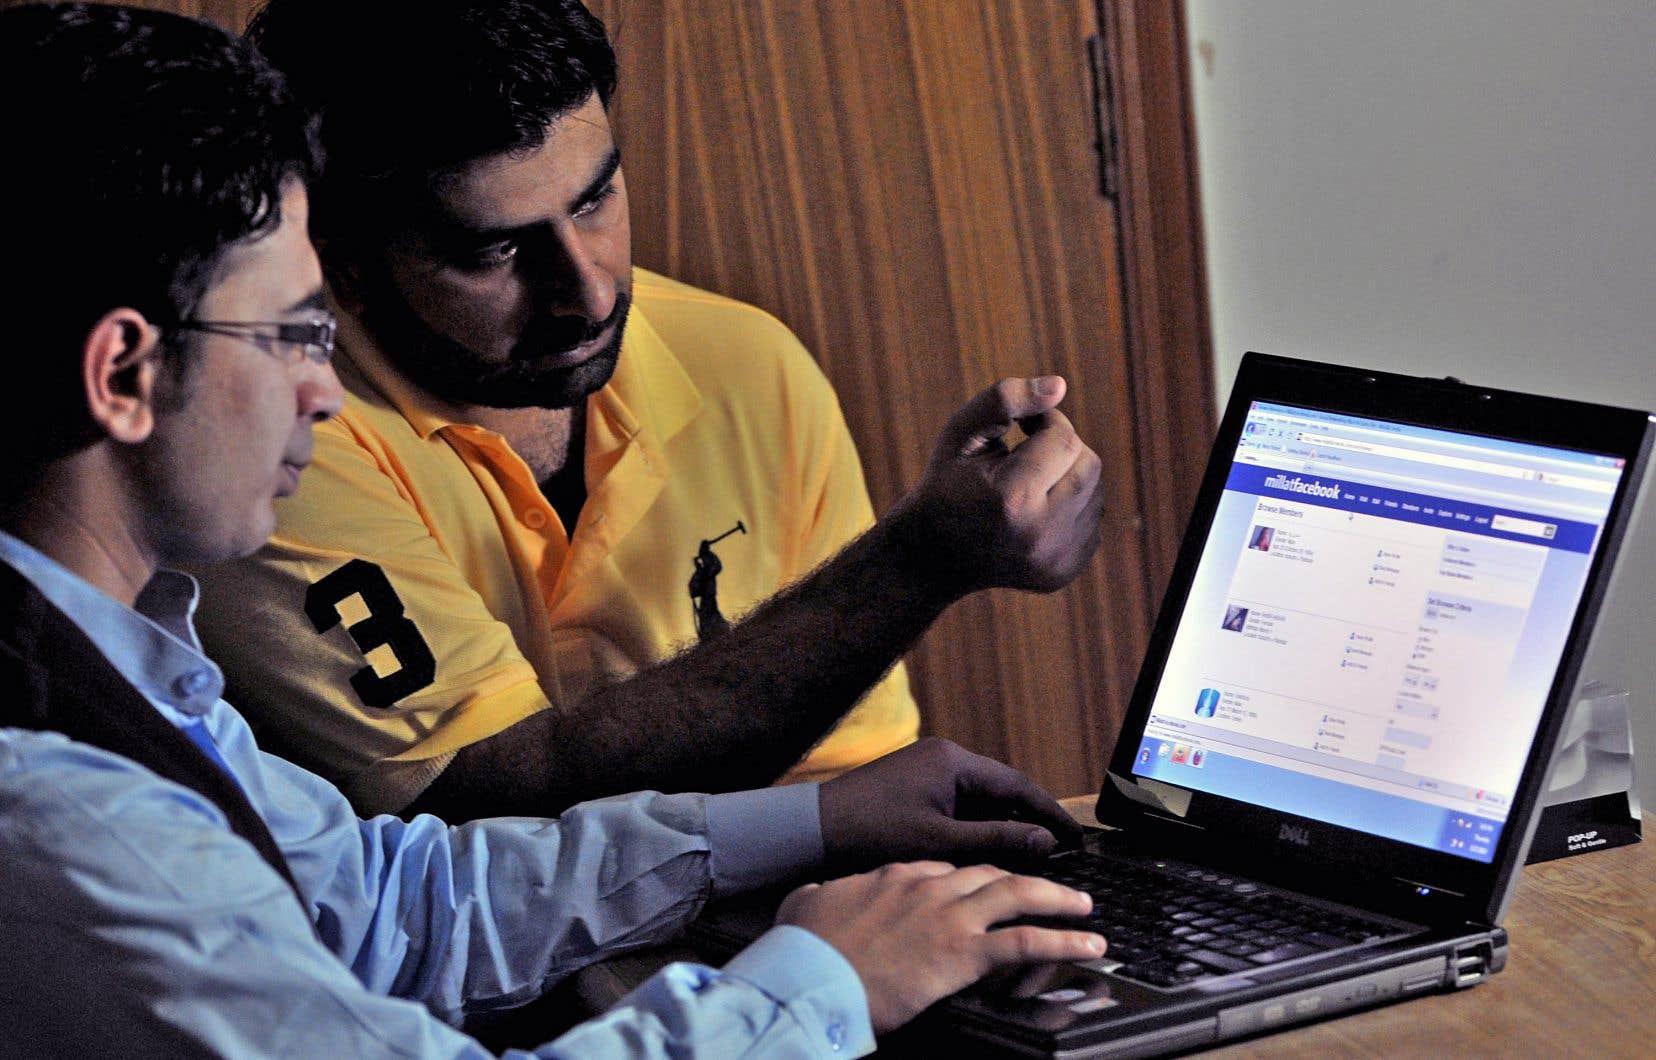 La confiance des utilisateurs de Facebook a été mise à rude épreuve au cours des derniers mois.